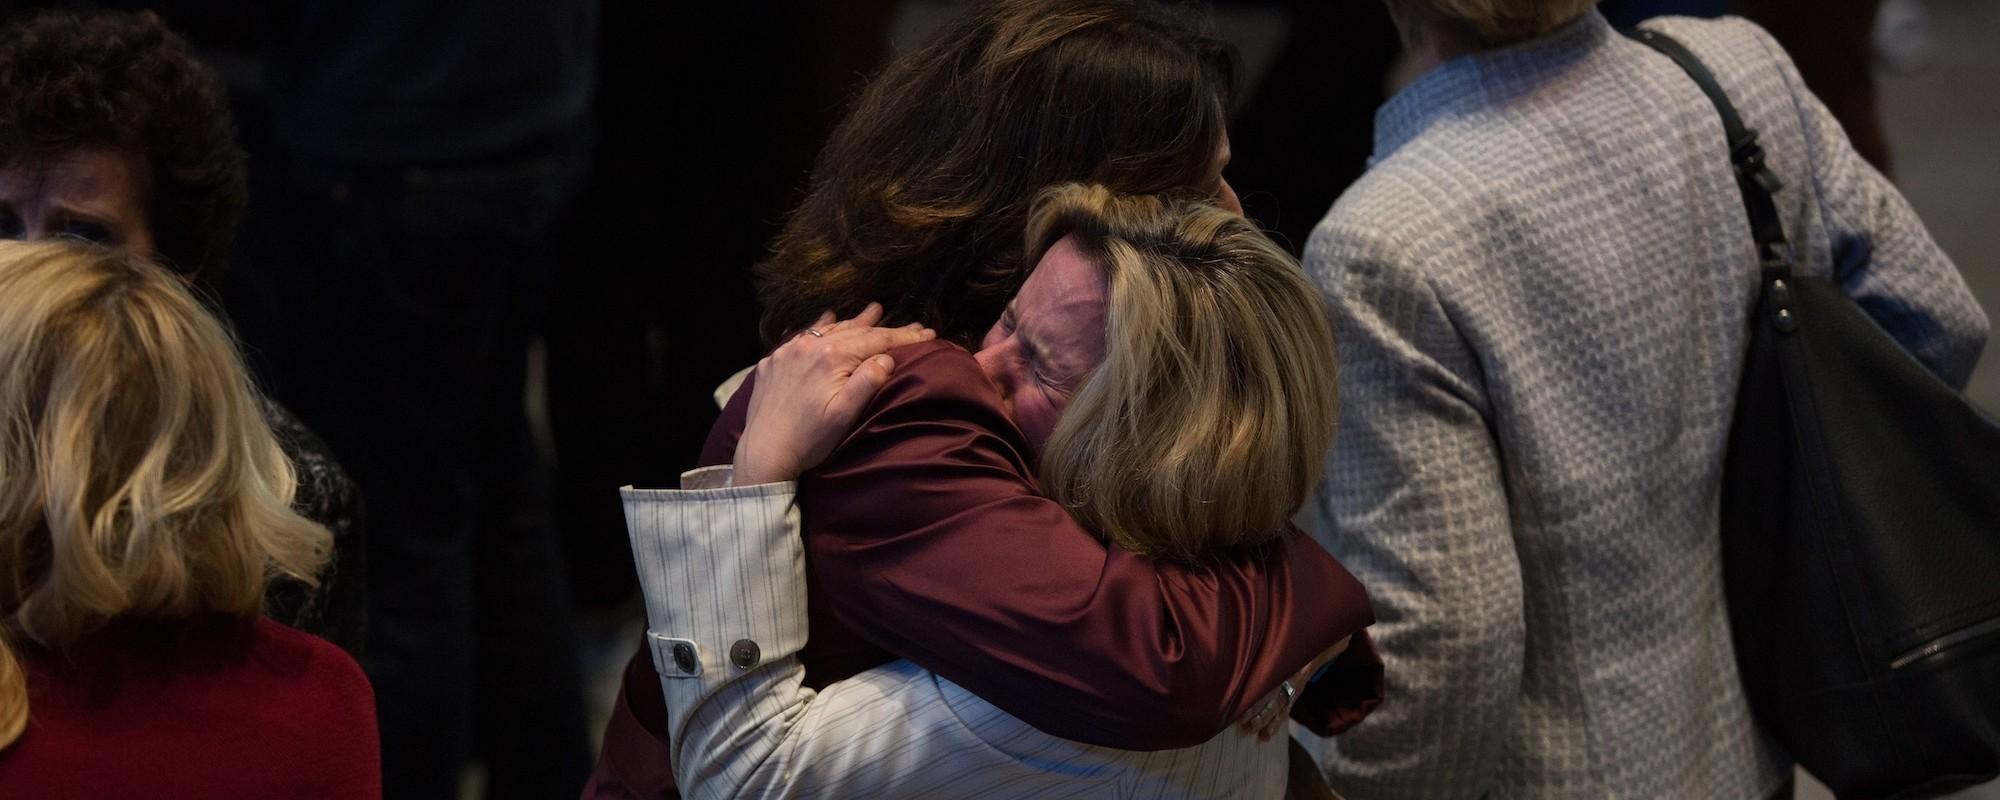 Pesar e dor no evento de Clinton na noite das eleições norte-americanas